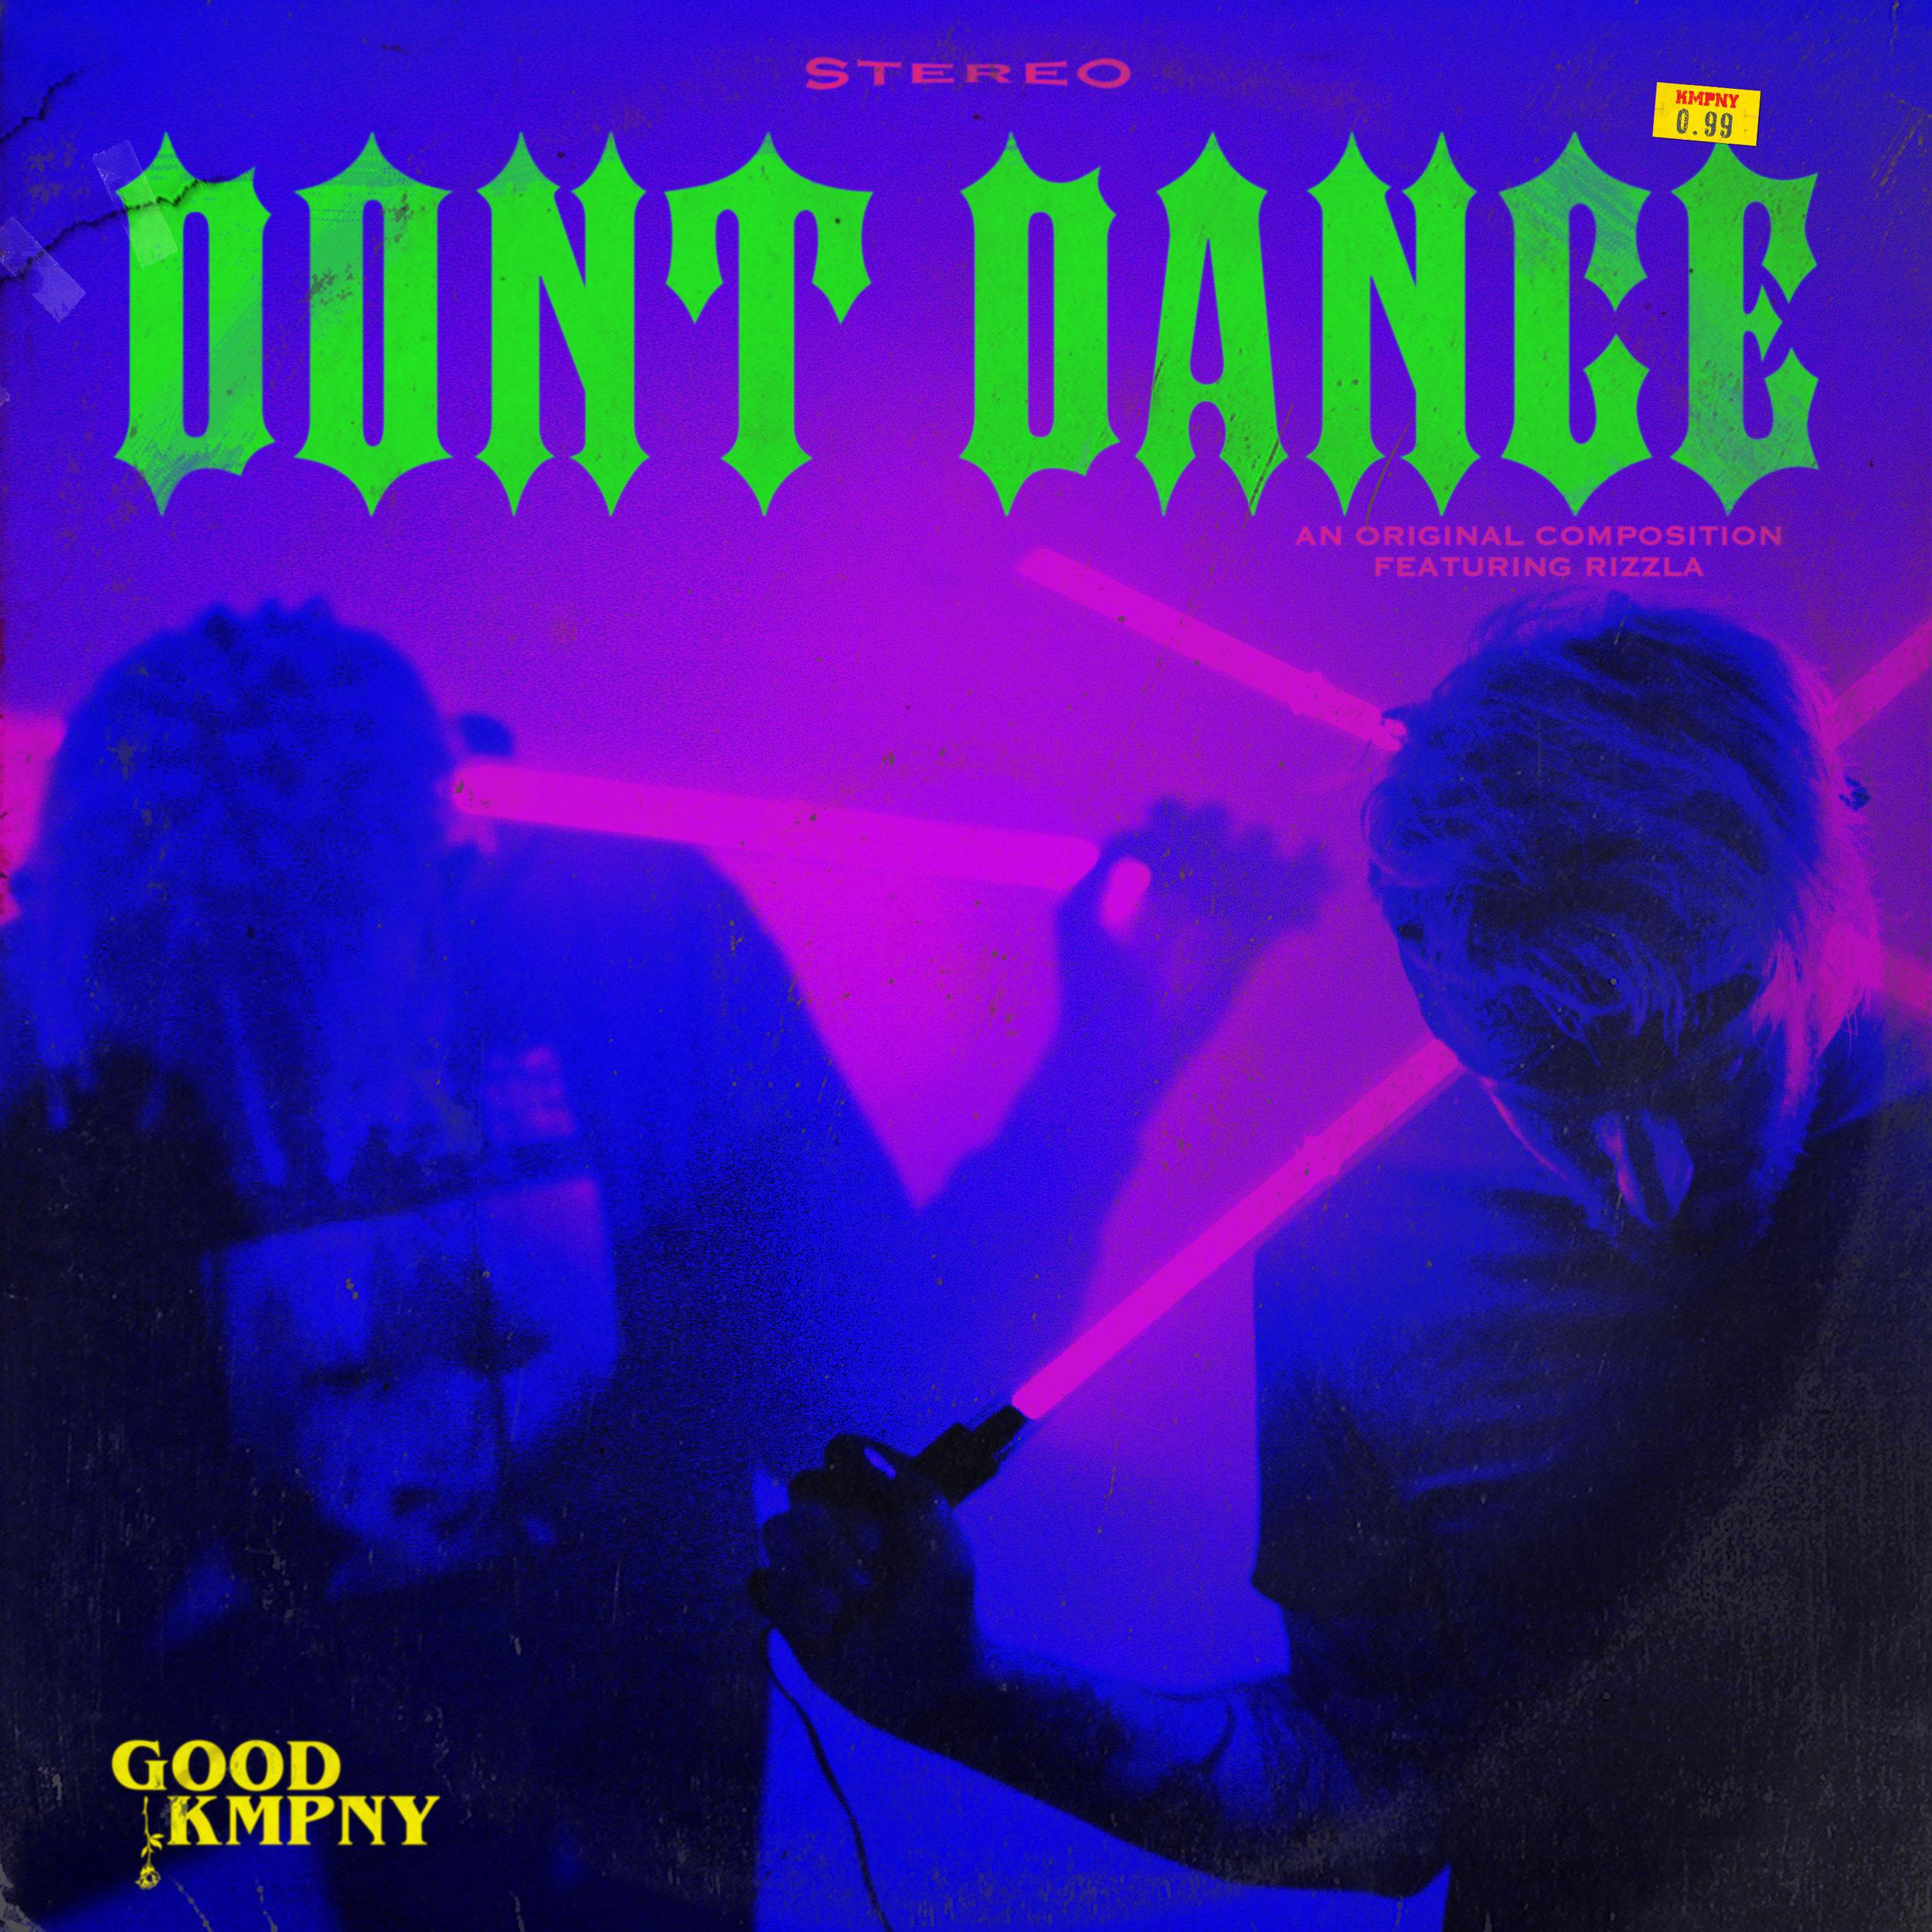 Kmpny - Dont Dance ft. Rizzla (Artwork).jpg